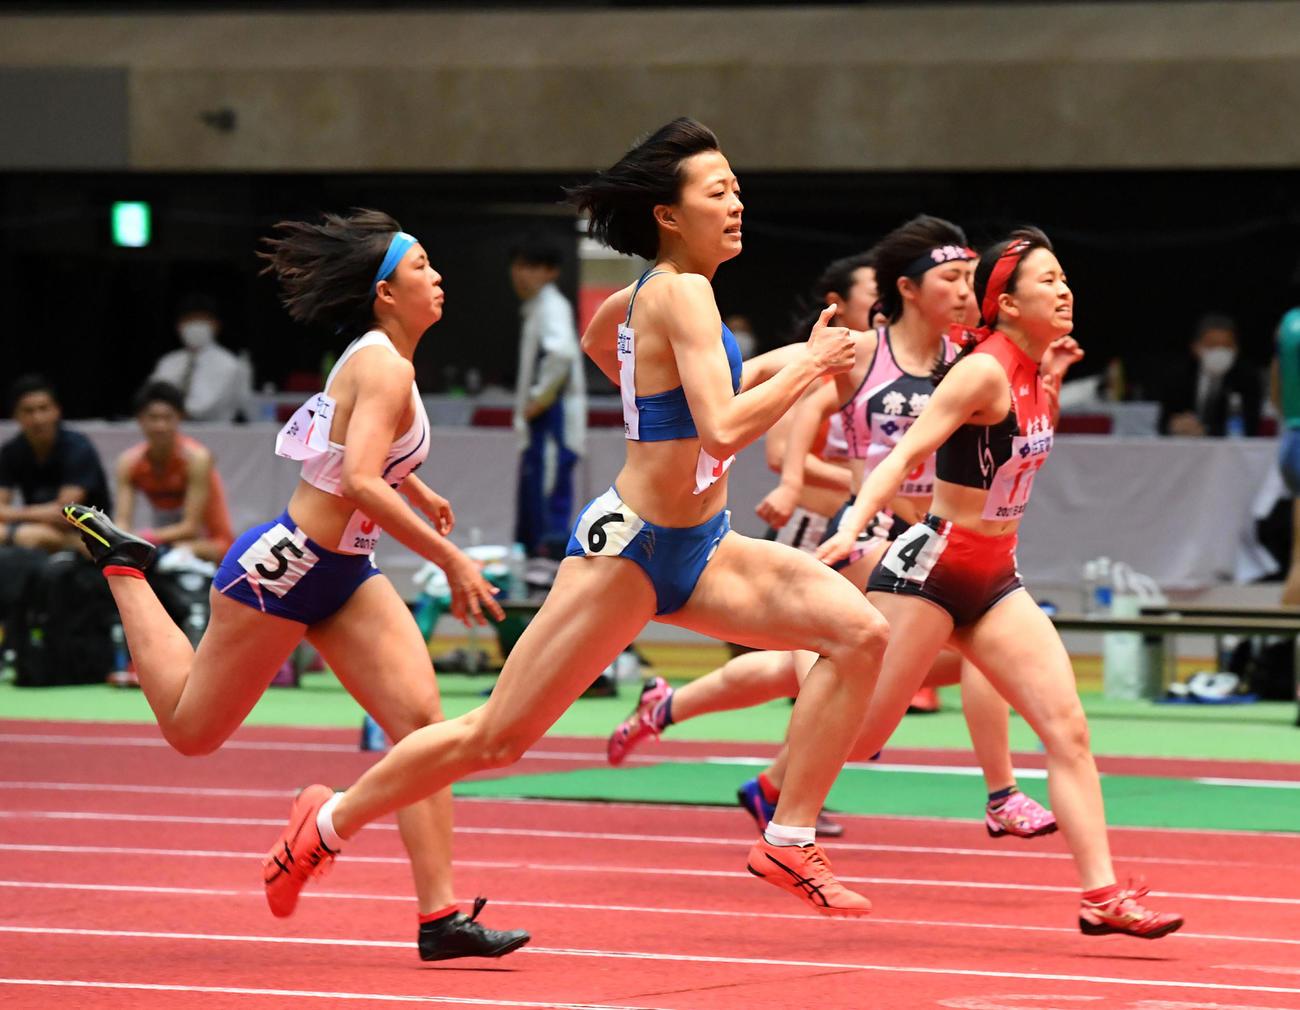 女子U20・60メートルでU20室内日本新で優勝した青山華依(中央)(撮影・前岡正明)